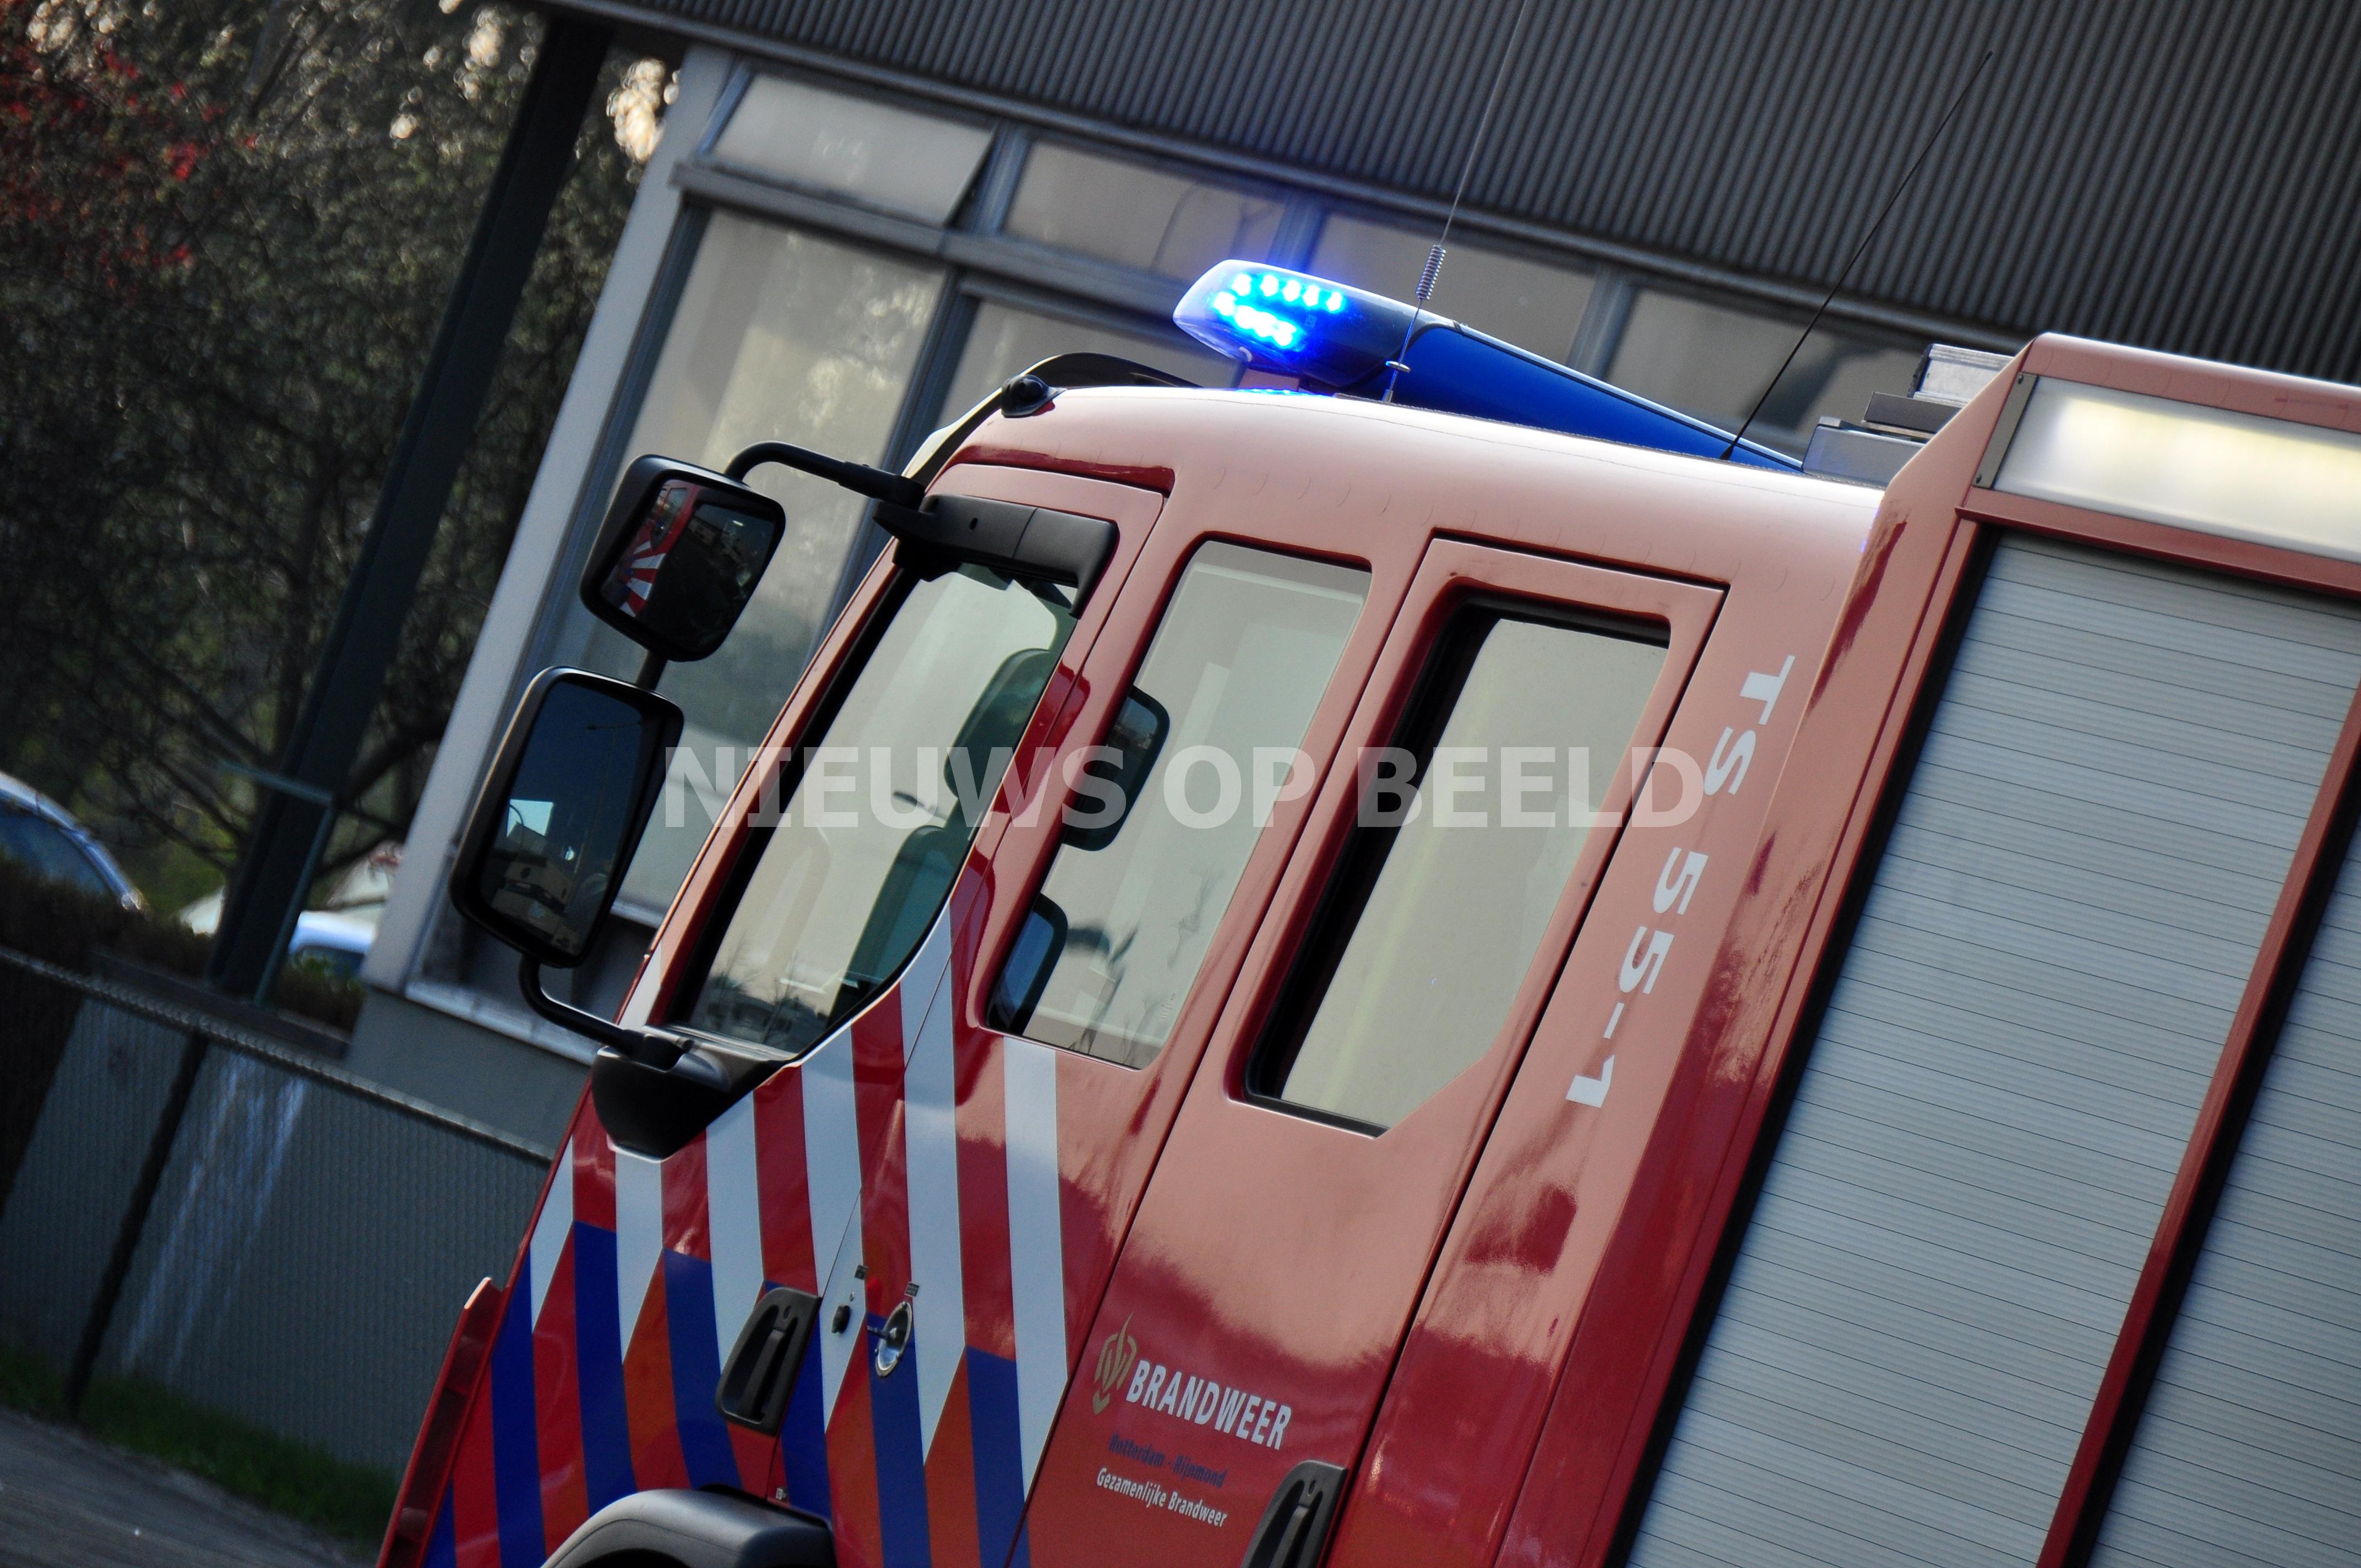 Dode in uitgebrande auto De Jonge van Zwijnsbergenstraat Helvoirt